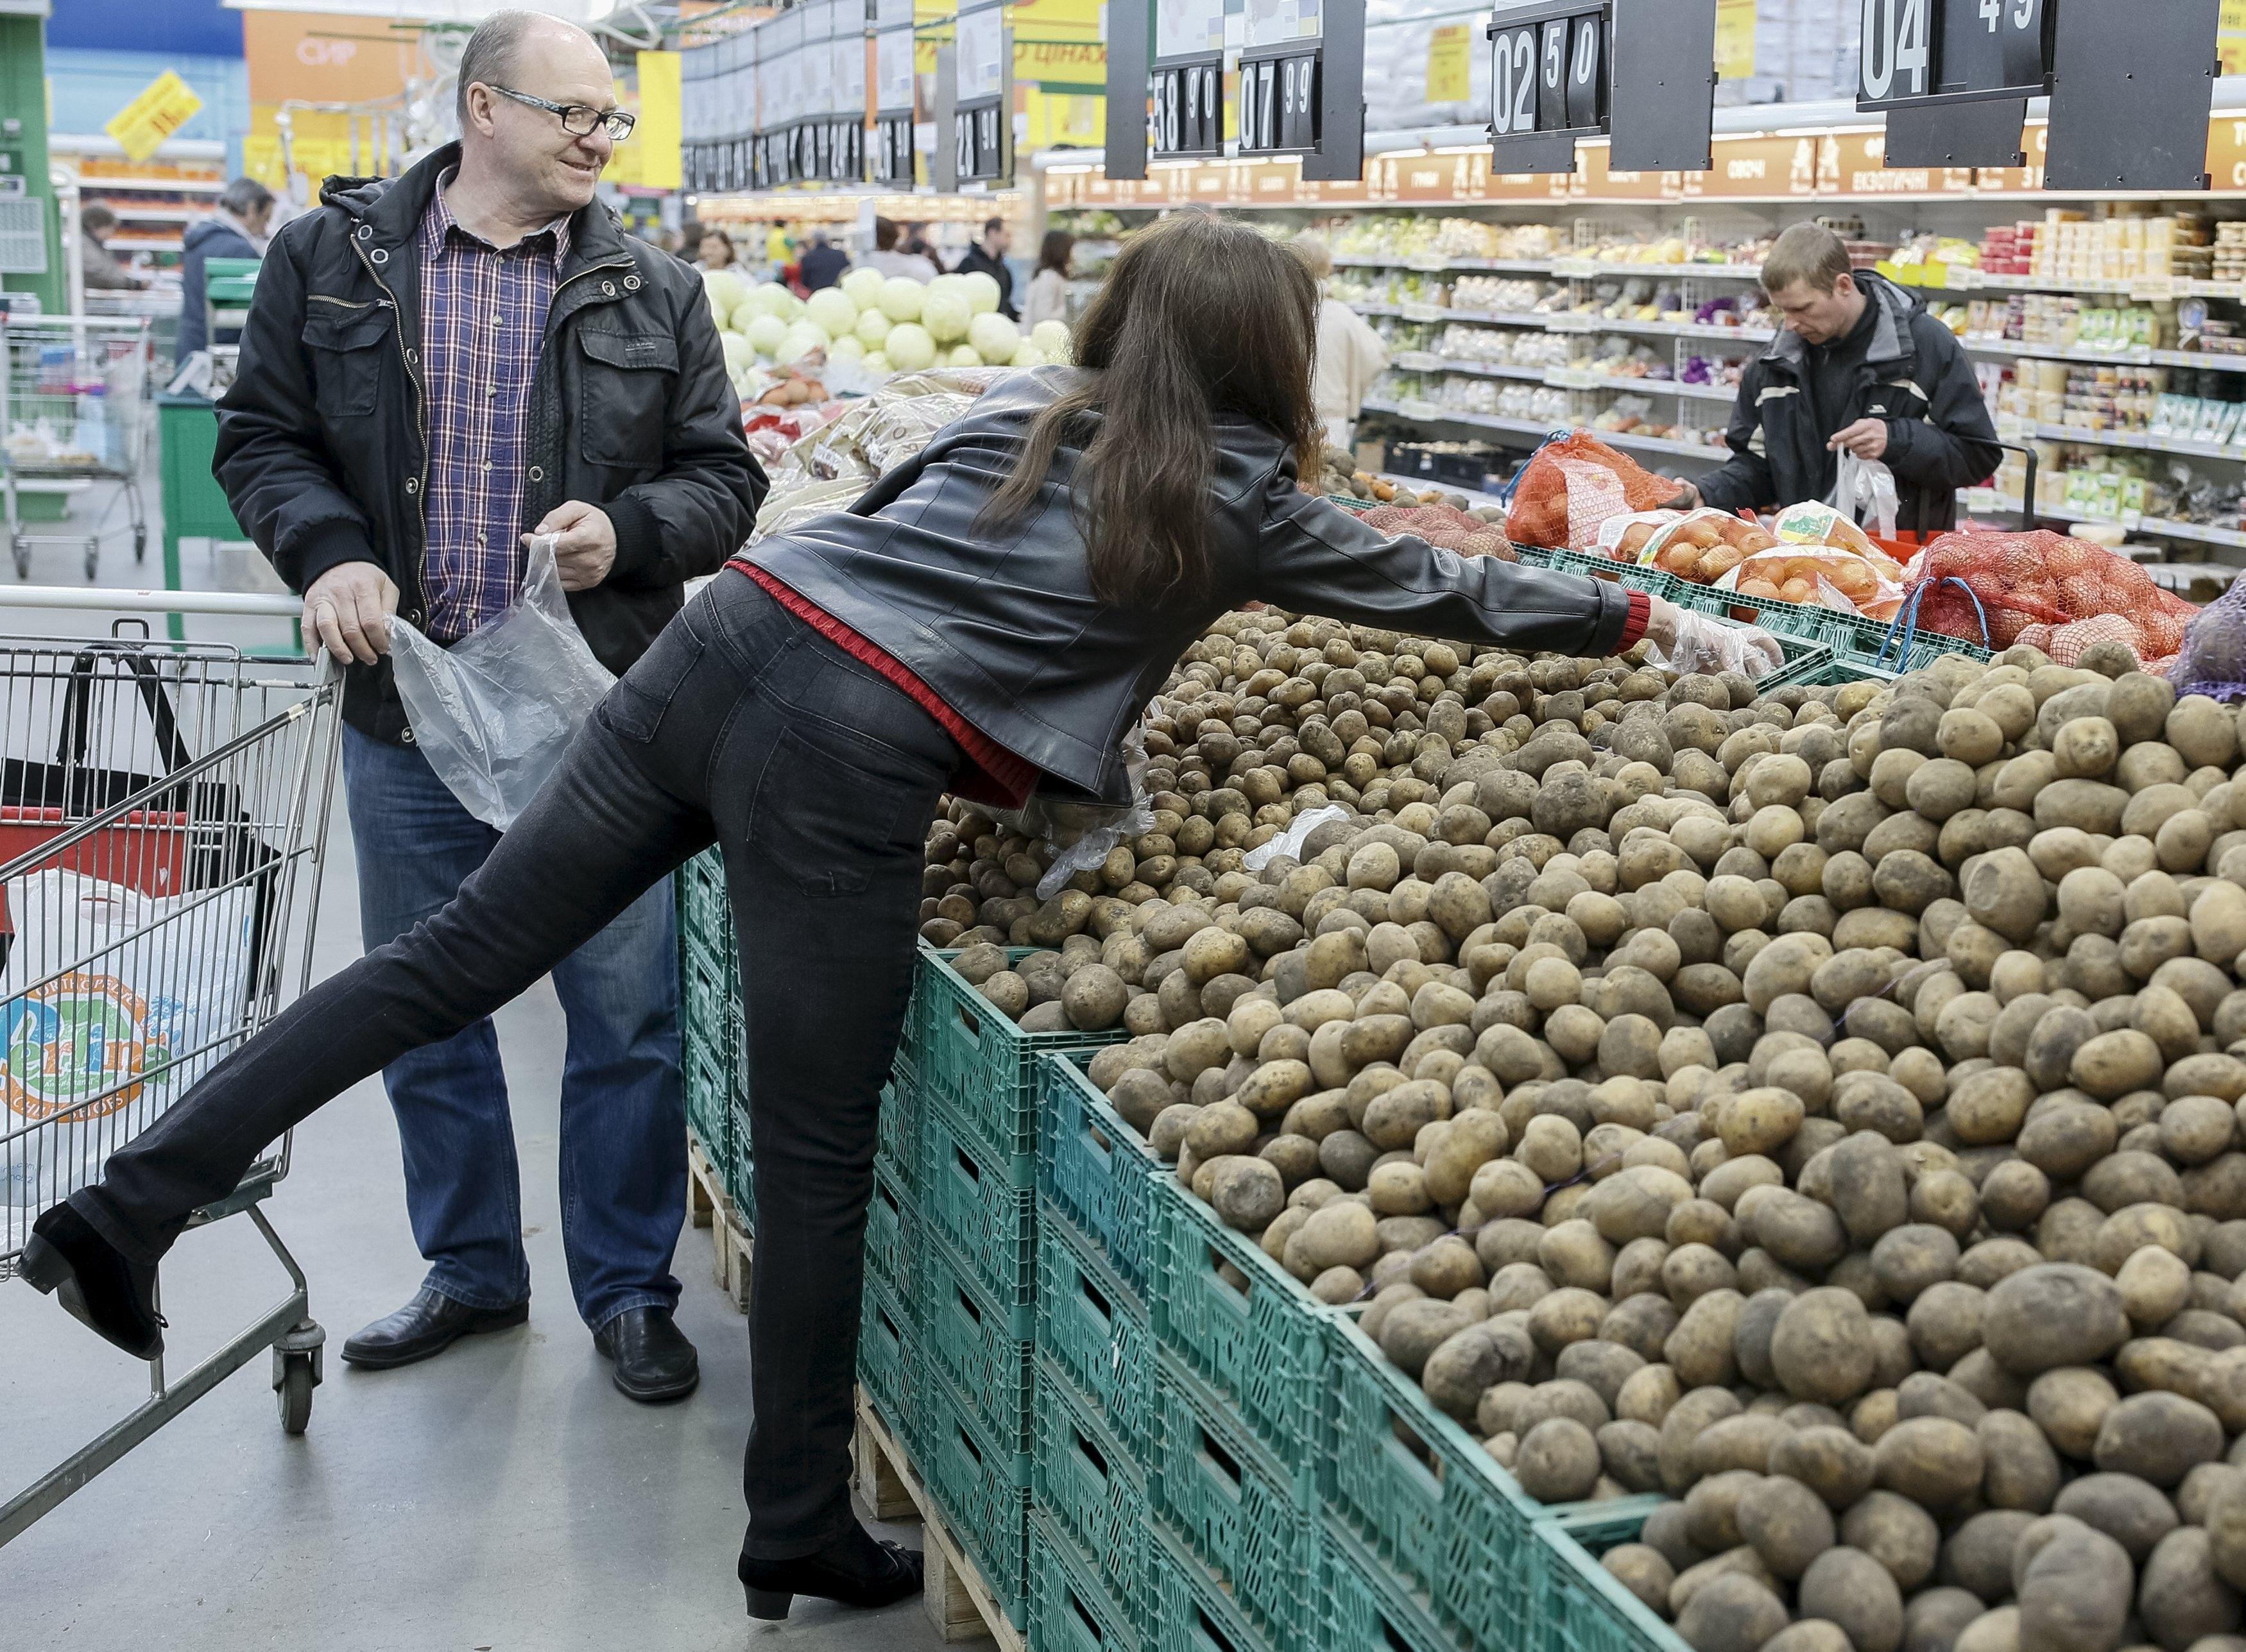 Ожидается, что проблем с картофелем в этом году не будет / Иллюстрация REUTERS